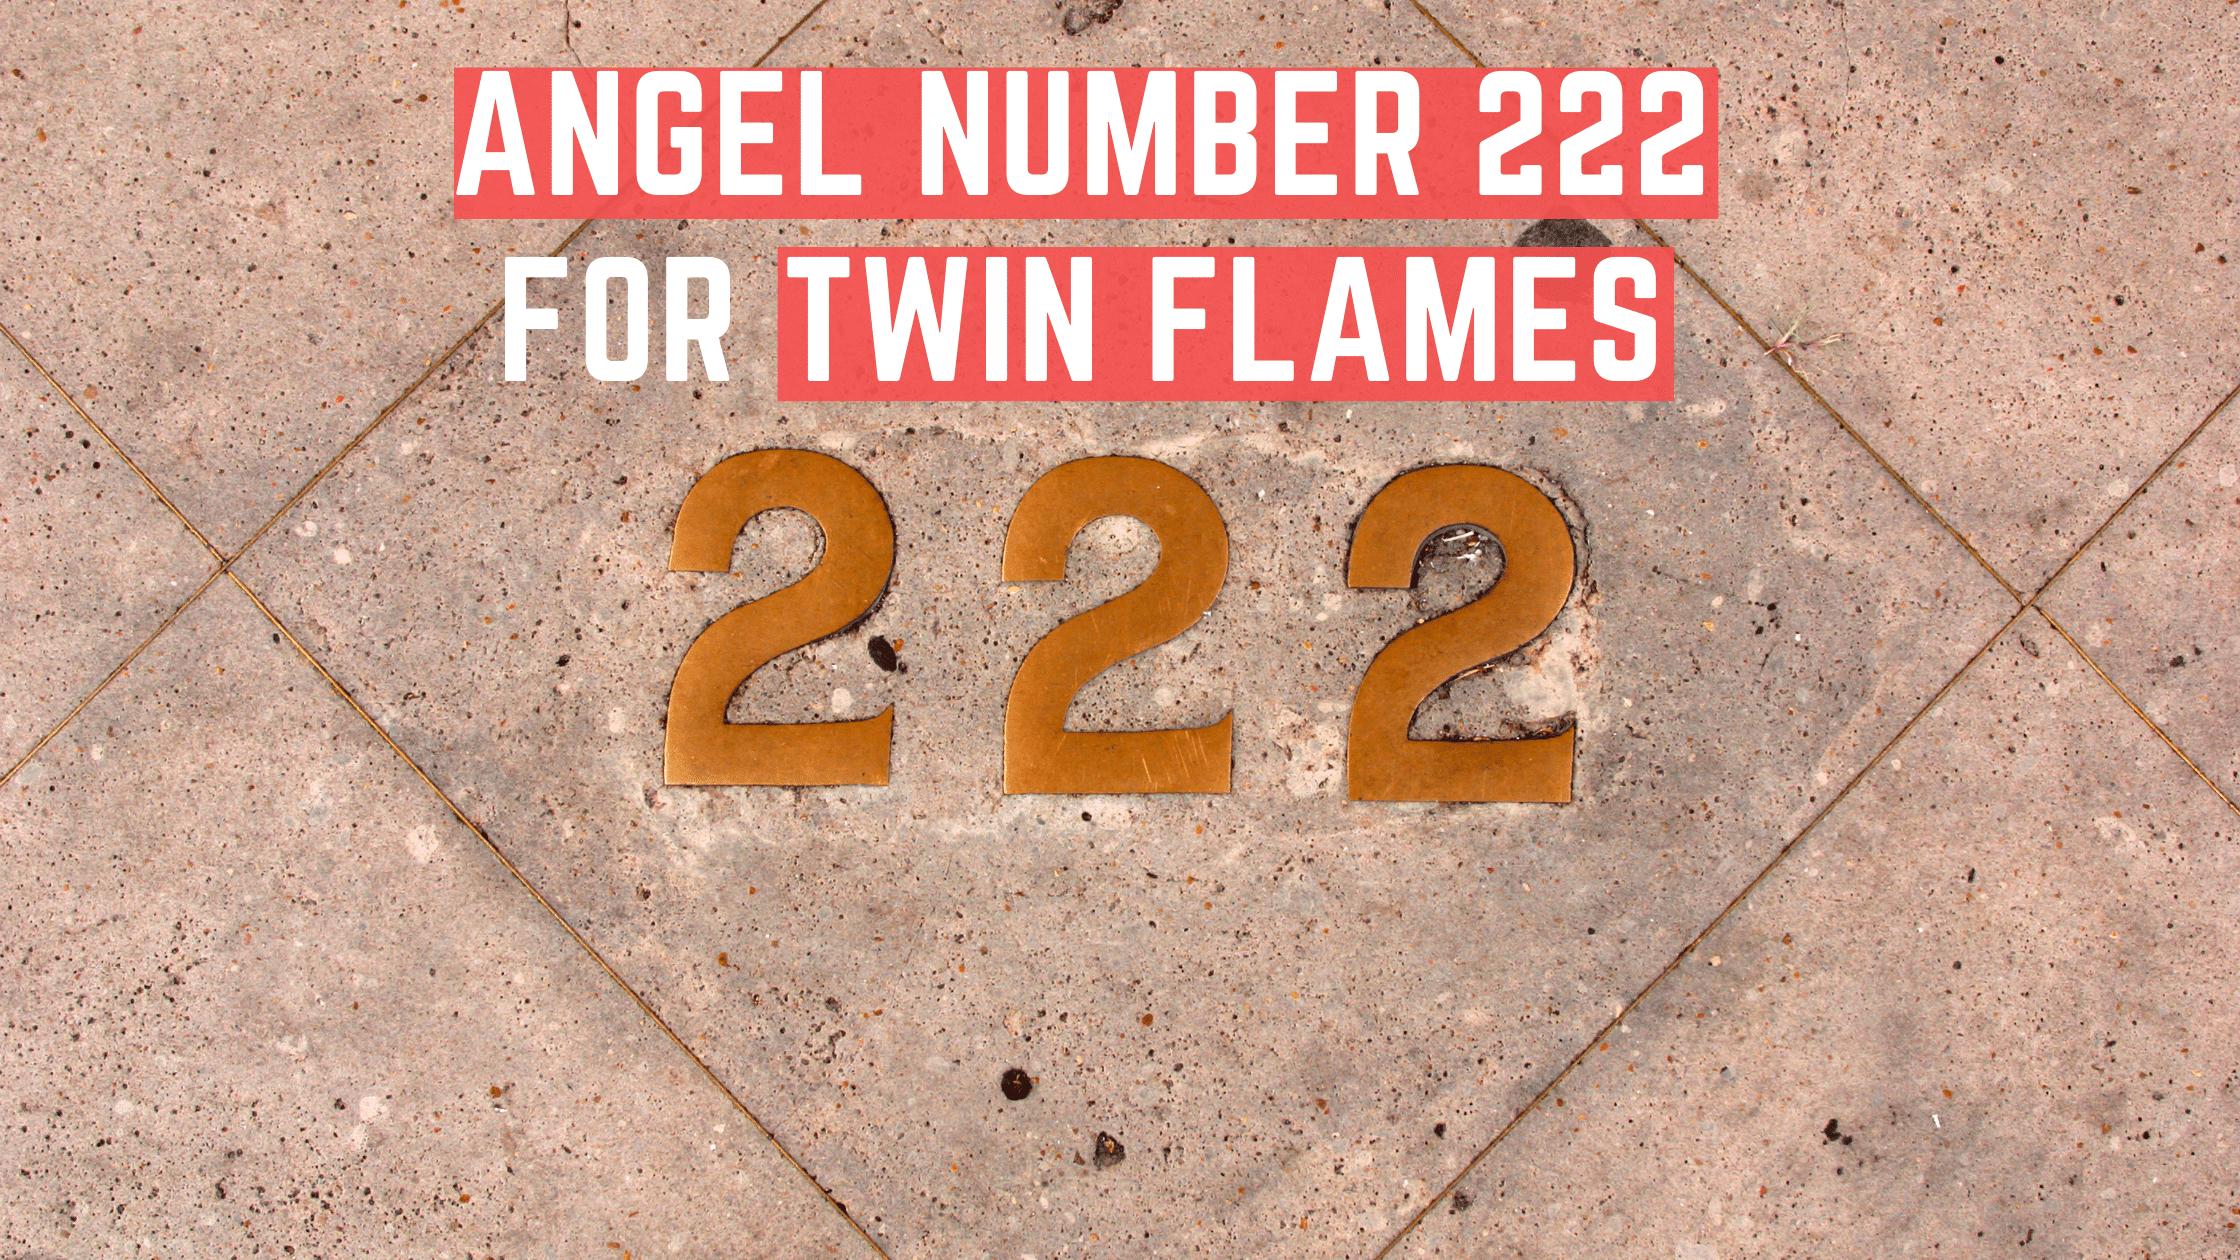 222 twin flame